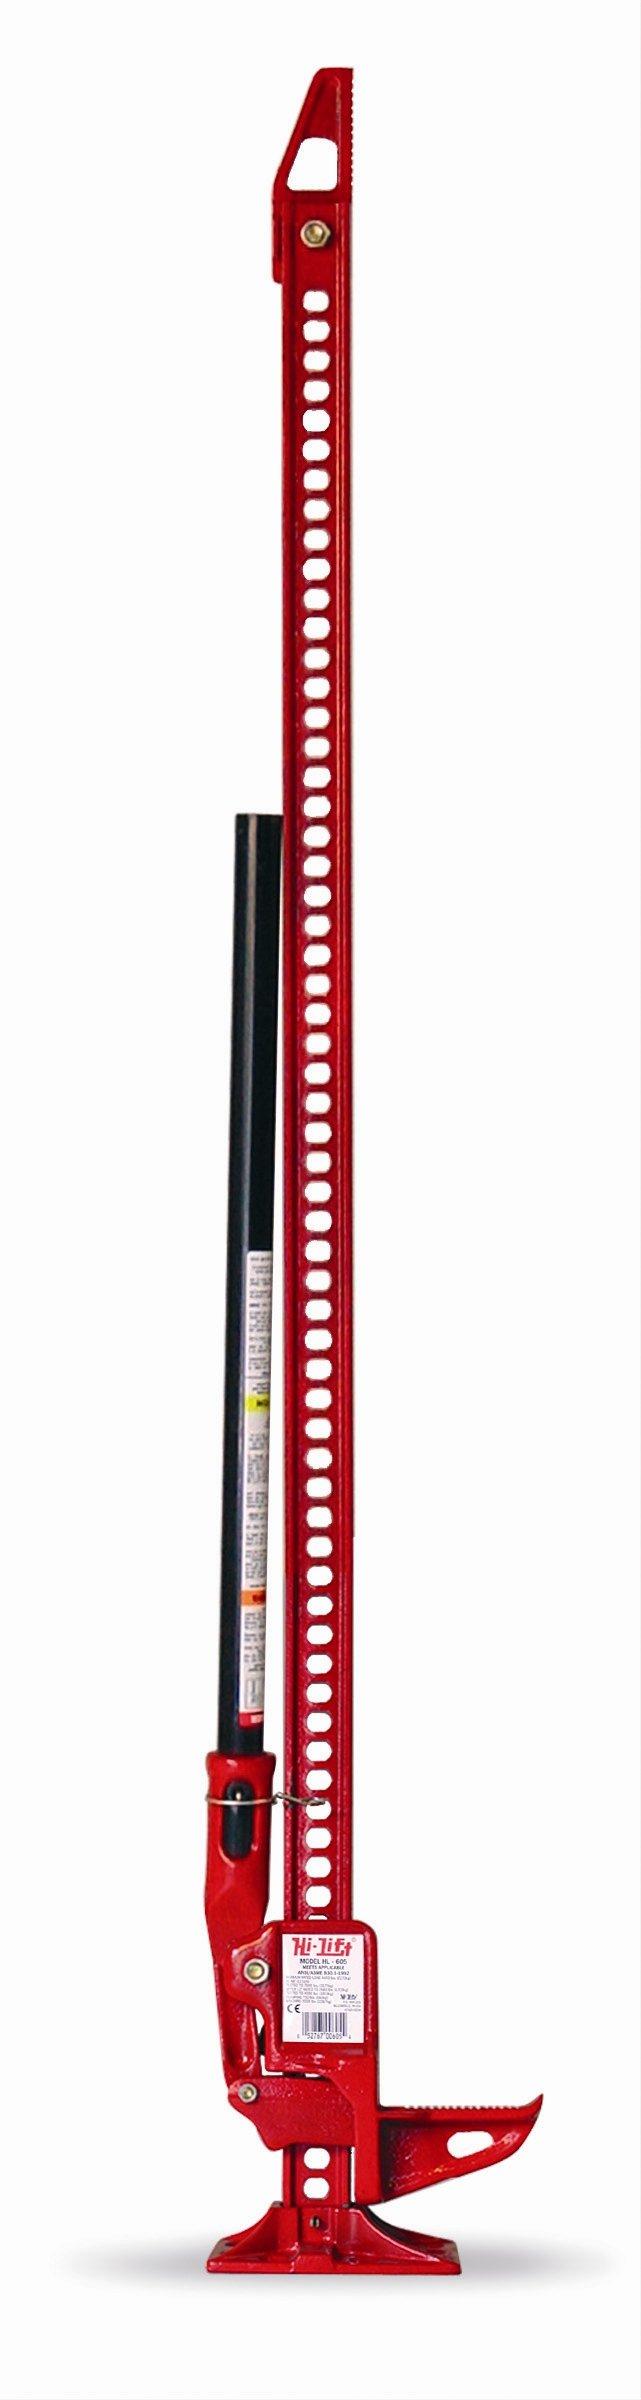 Hi-Lift Jack HL425 42'' Hi-Lift Red All Cast Jack by Hi-Lift